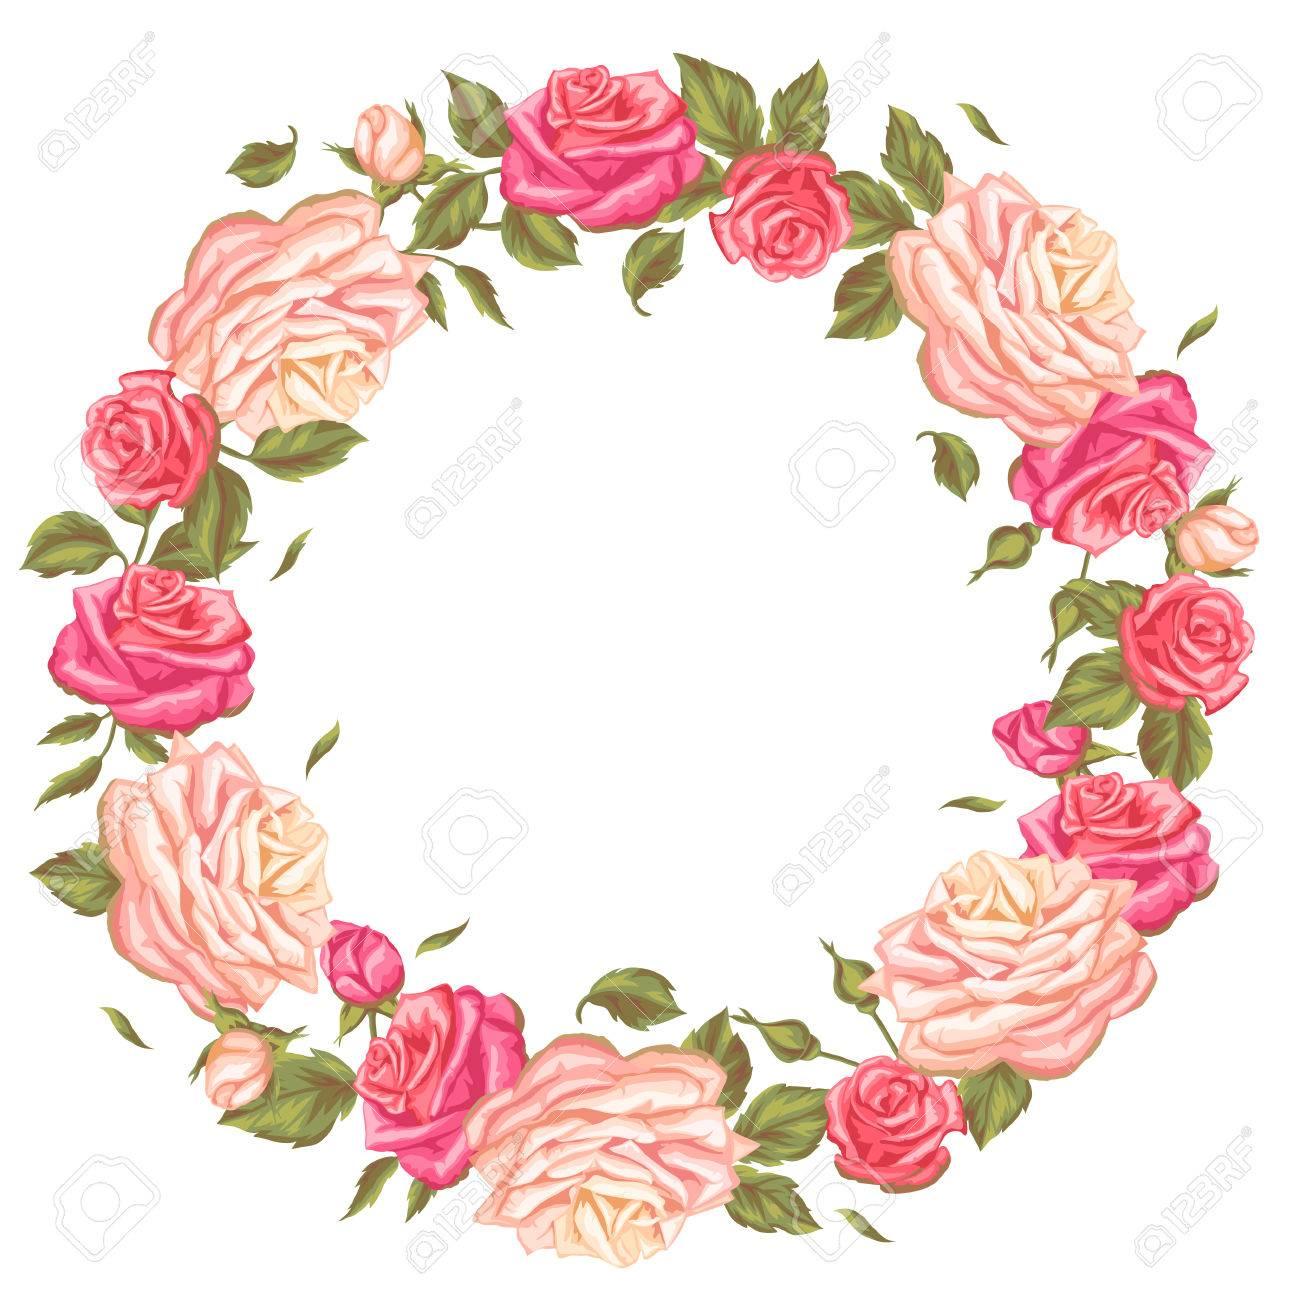 Rahmen Mit Weinleserosen. Dekorative Retro Blumen. Bild Für ...